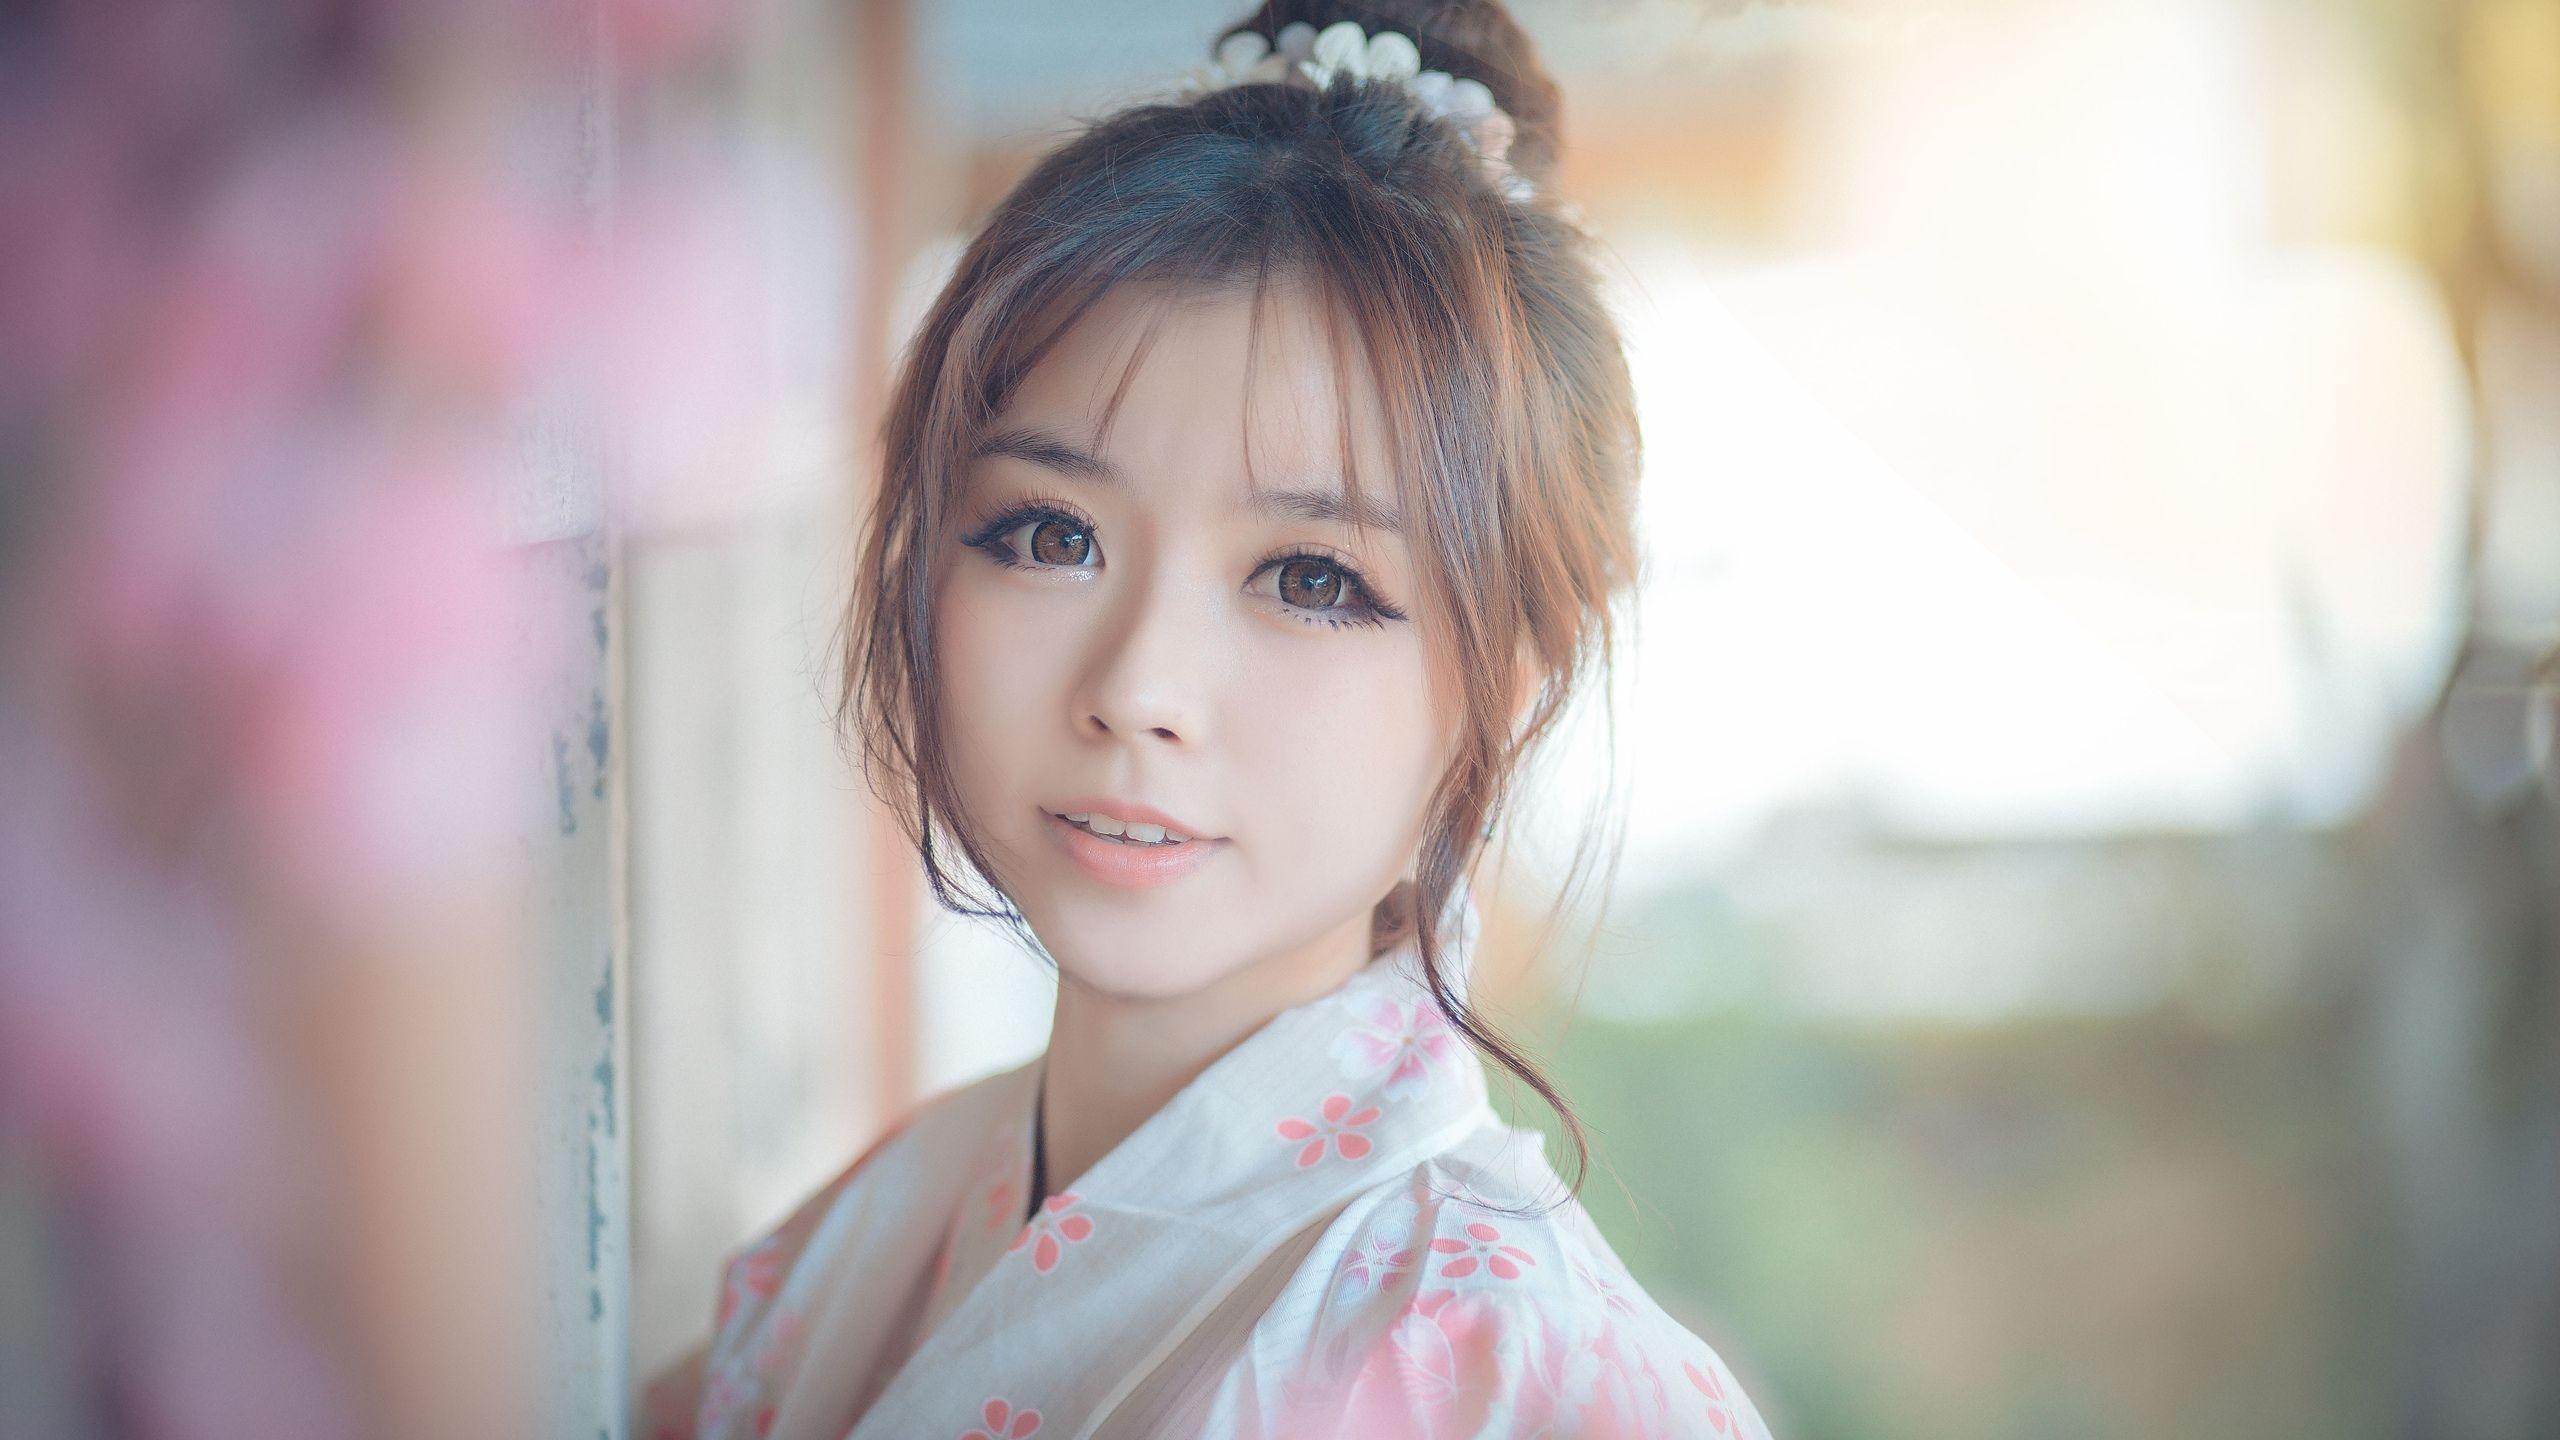 она смотреть японские красивые девушки это время прямо